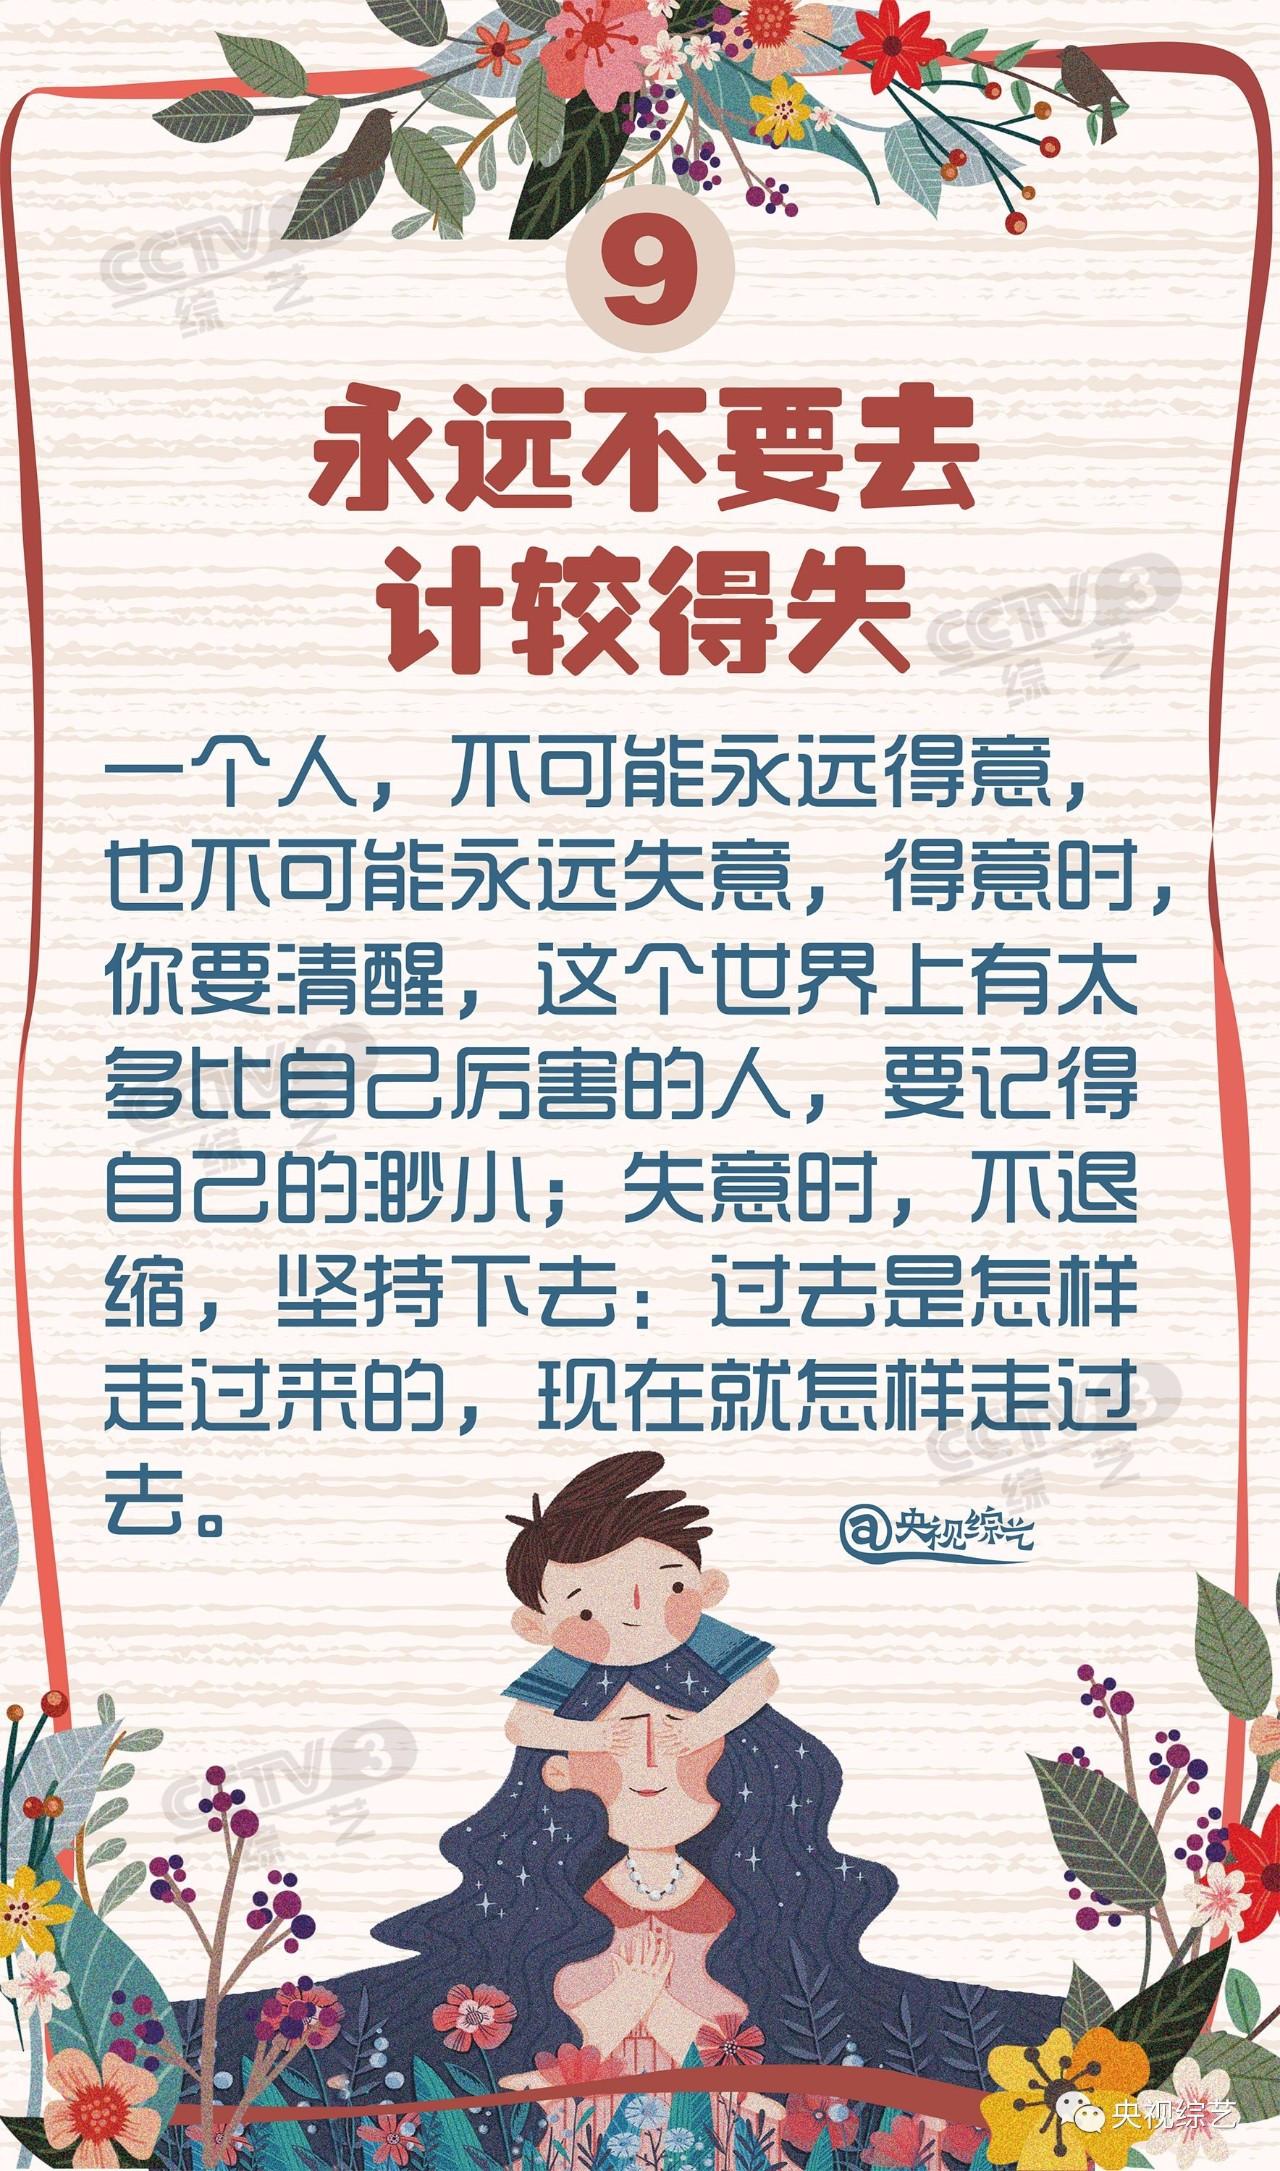 谢贤女友coco分手后的生活照曝光,网友:彻底废了!